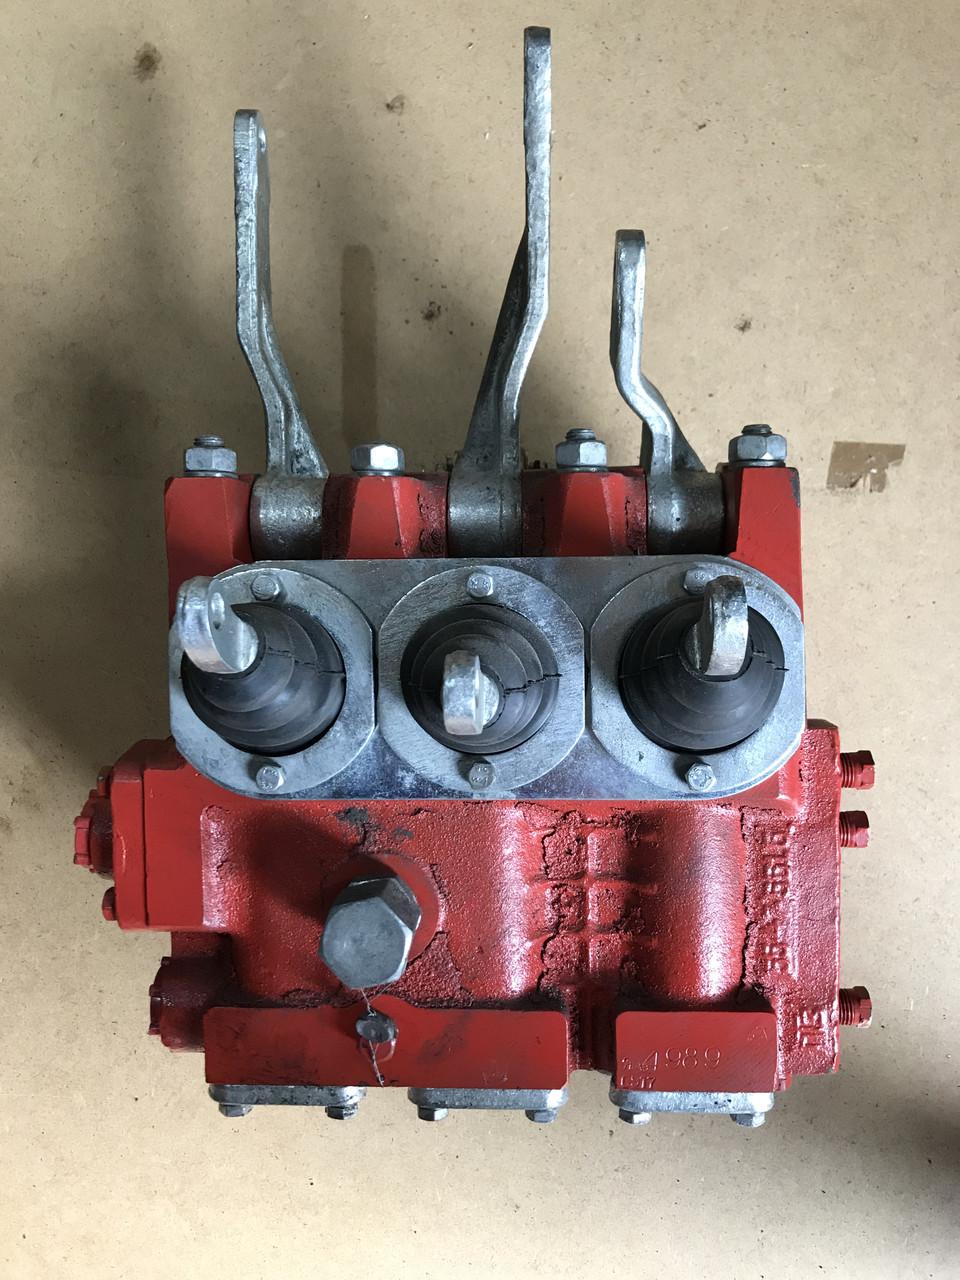 Гідропідсилювач (ГУР) Сервомеханизм трактора ТДТ 55 55-47-сб. 330А